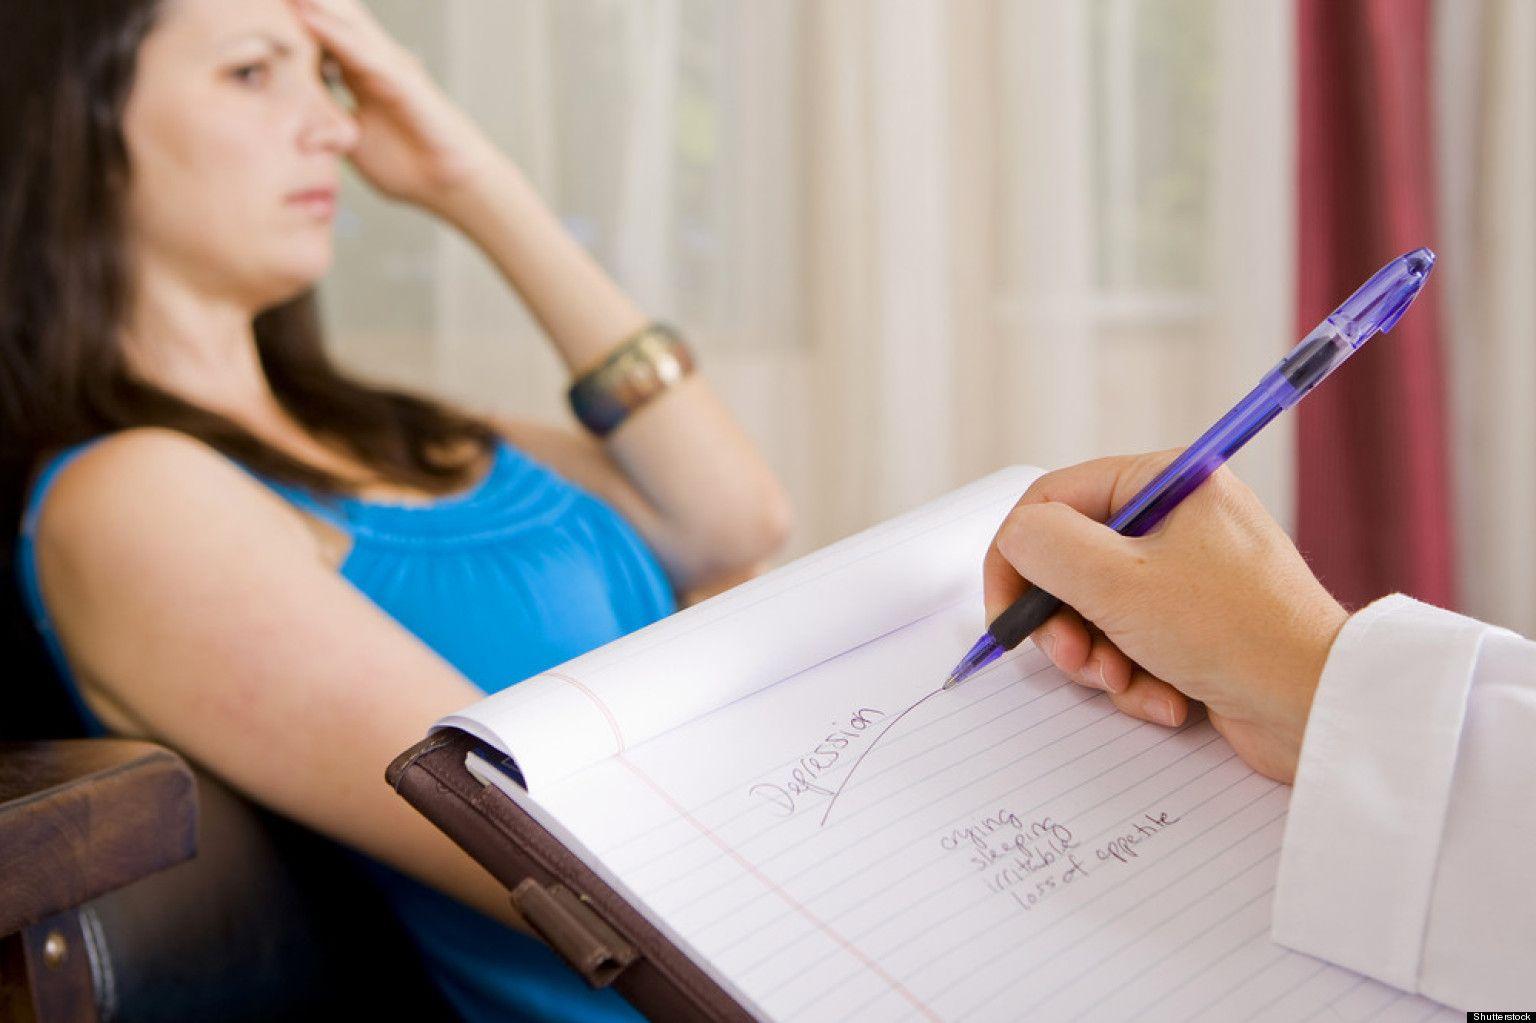 Тренировки мозга помогают предотвратить слабоумие